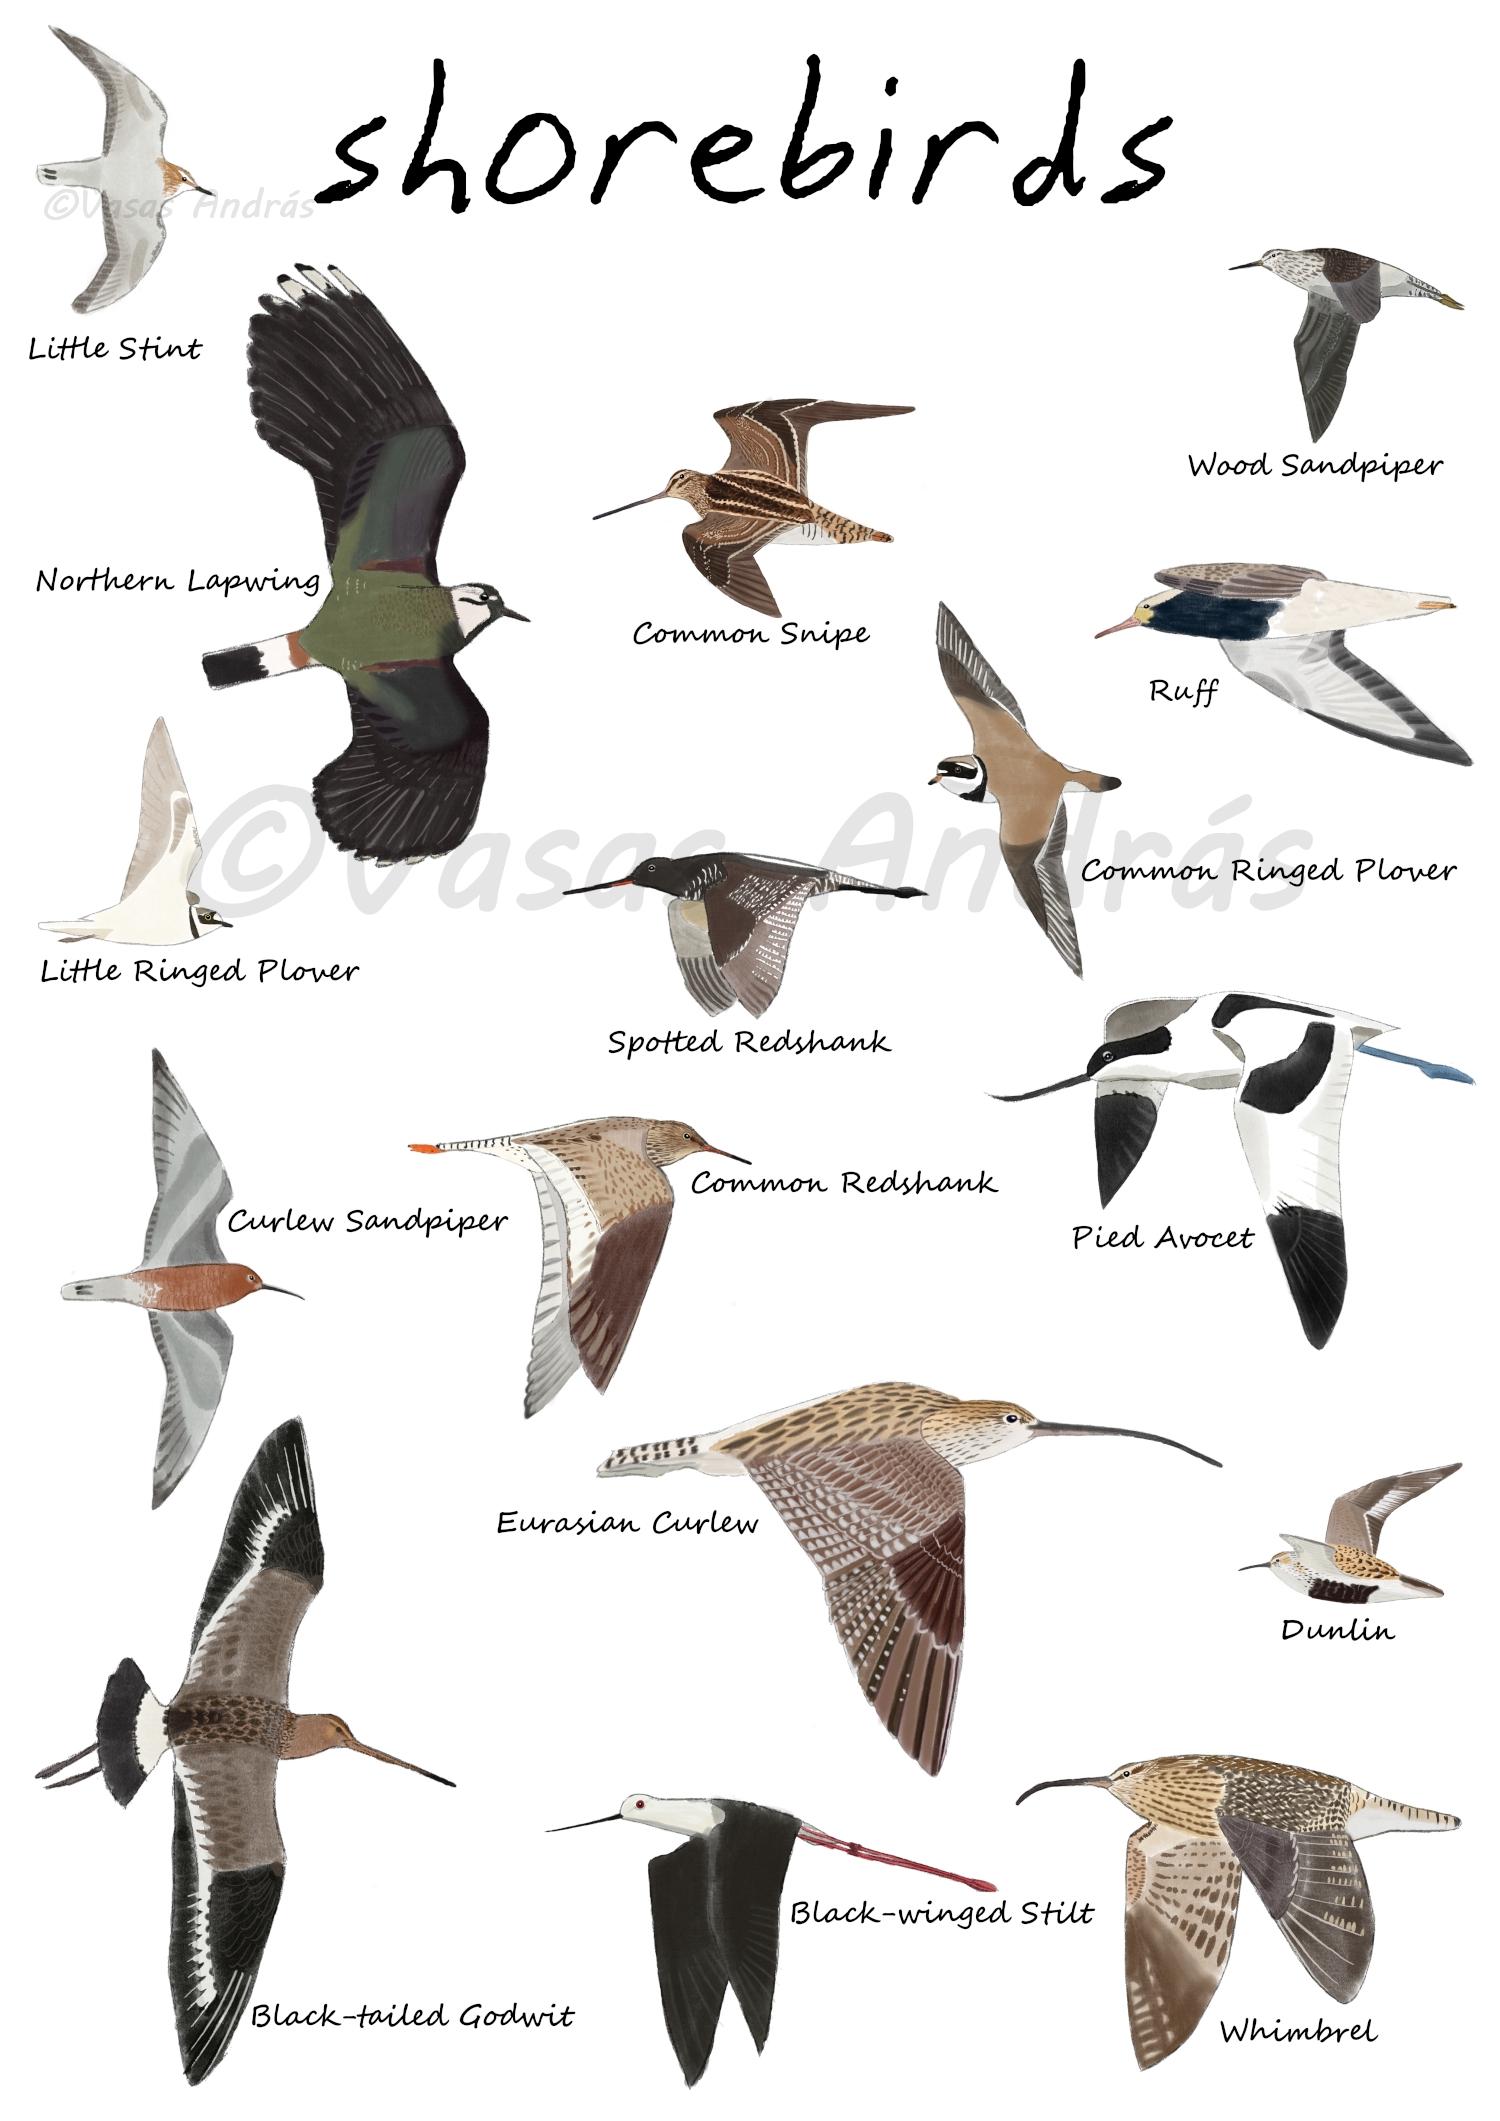 Flying Shorebirds